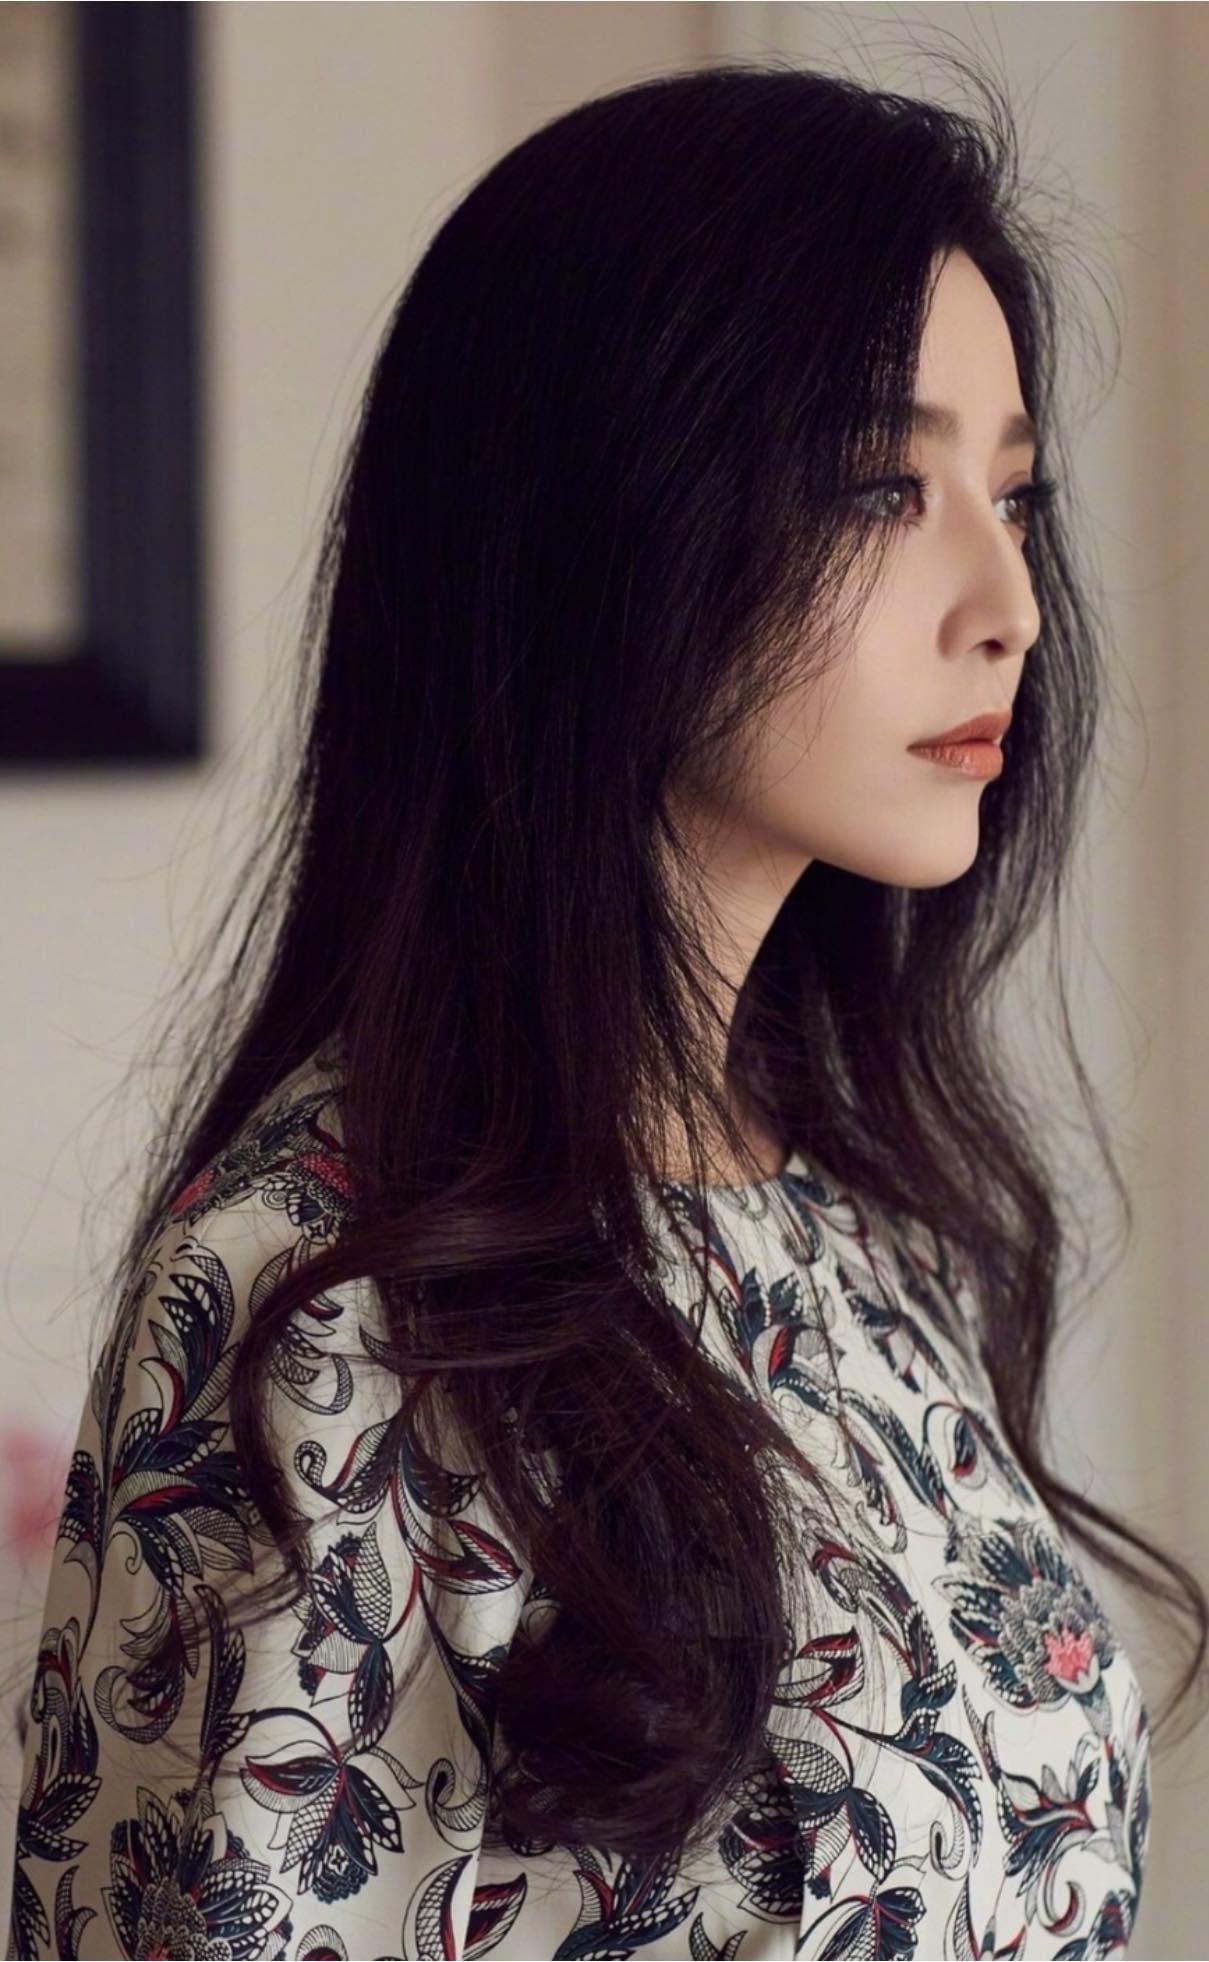 Đẳng cấp nhan sắc của Phạm Băng Băng được khẳng định chỉ nhờ mái tóc: Tóc buộc thùi sang chảnh xuất thần, tóc xõa kiêu xa bí ẩn - Ảnh 1.